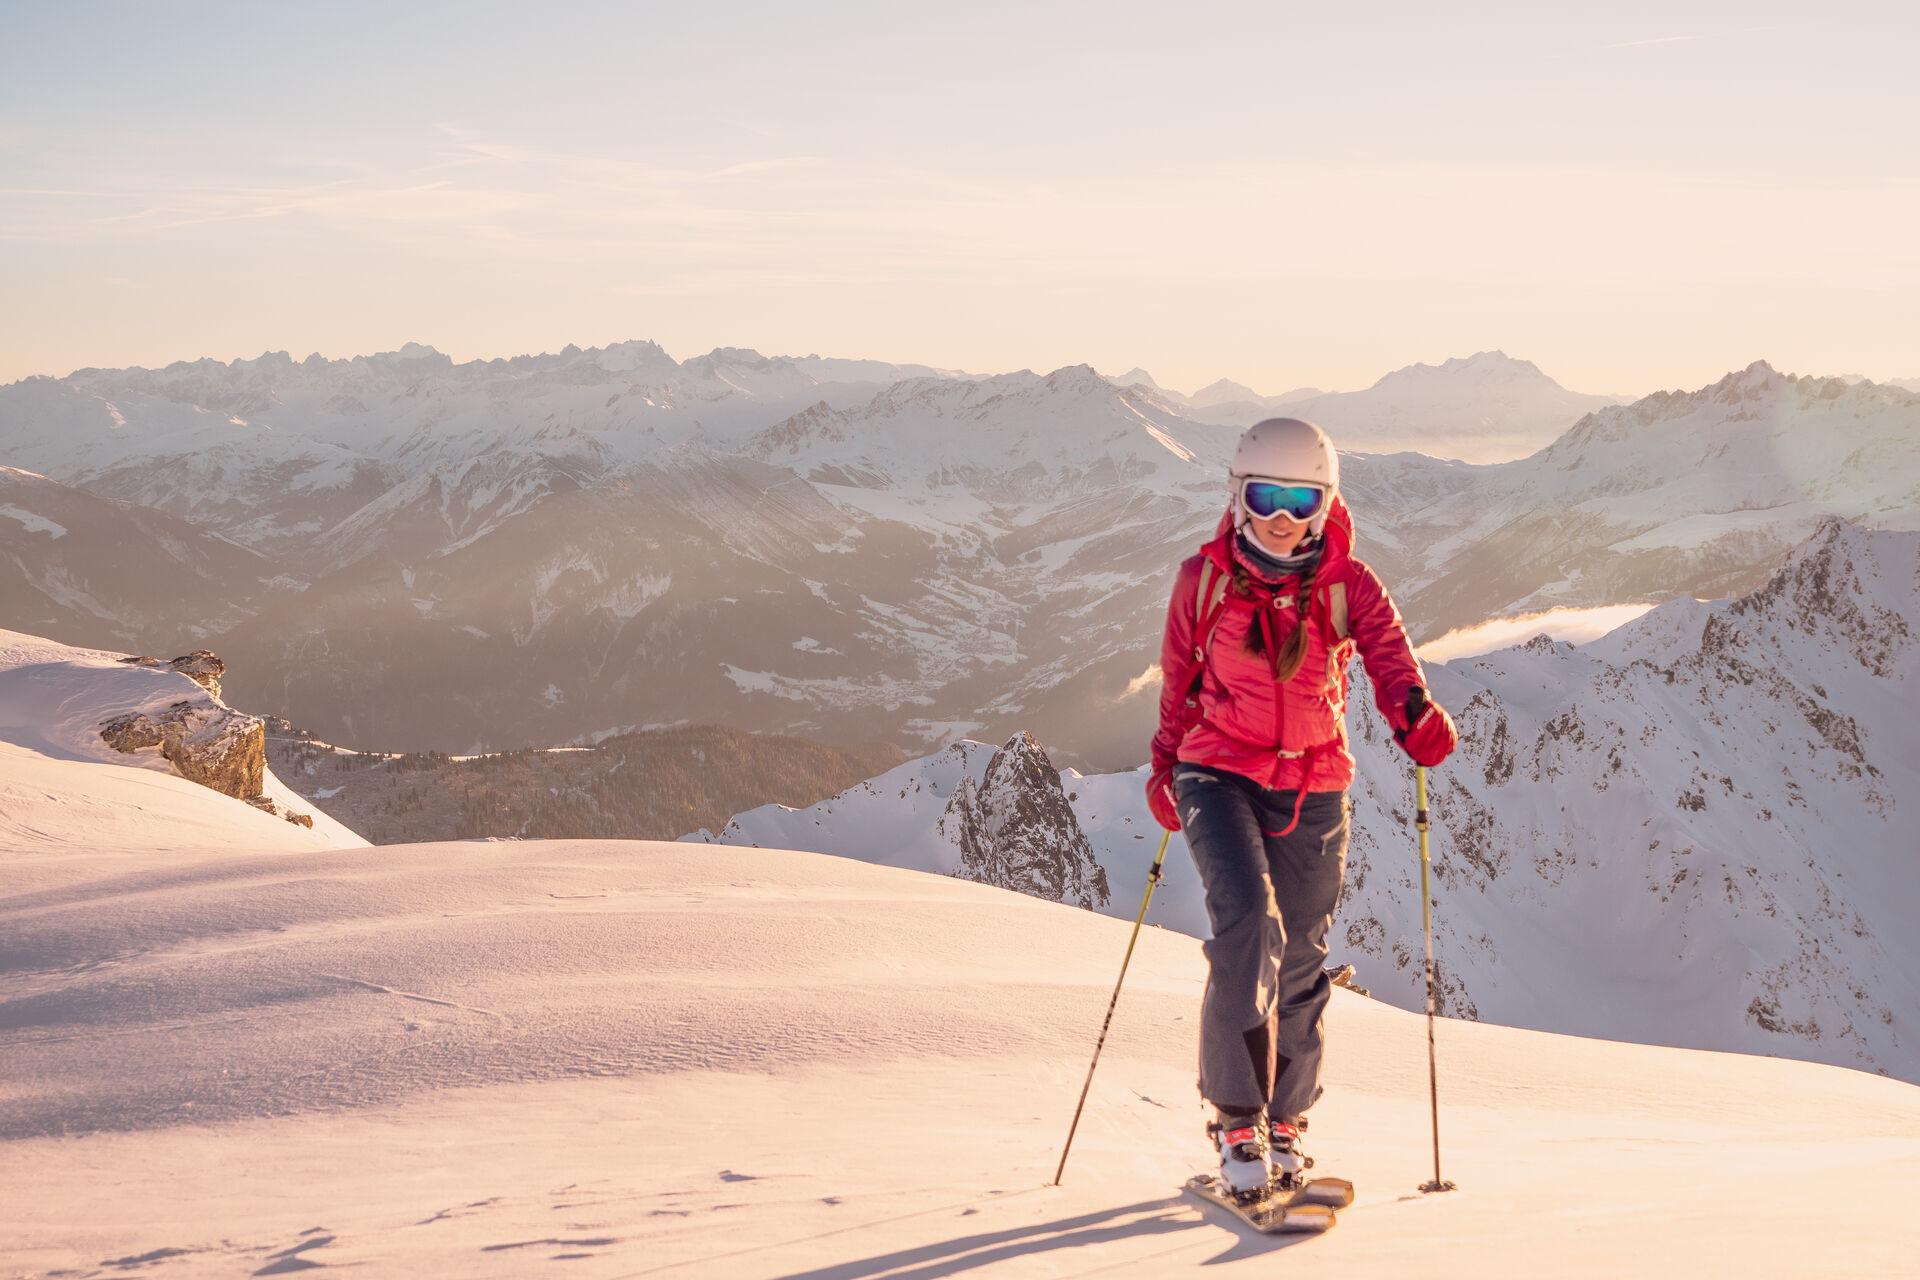 Skifahren: Junge Frau auf Skiwandertour mit Gipfelpanorama